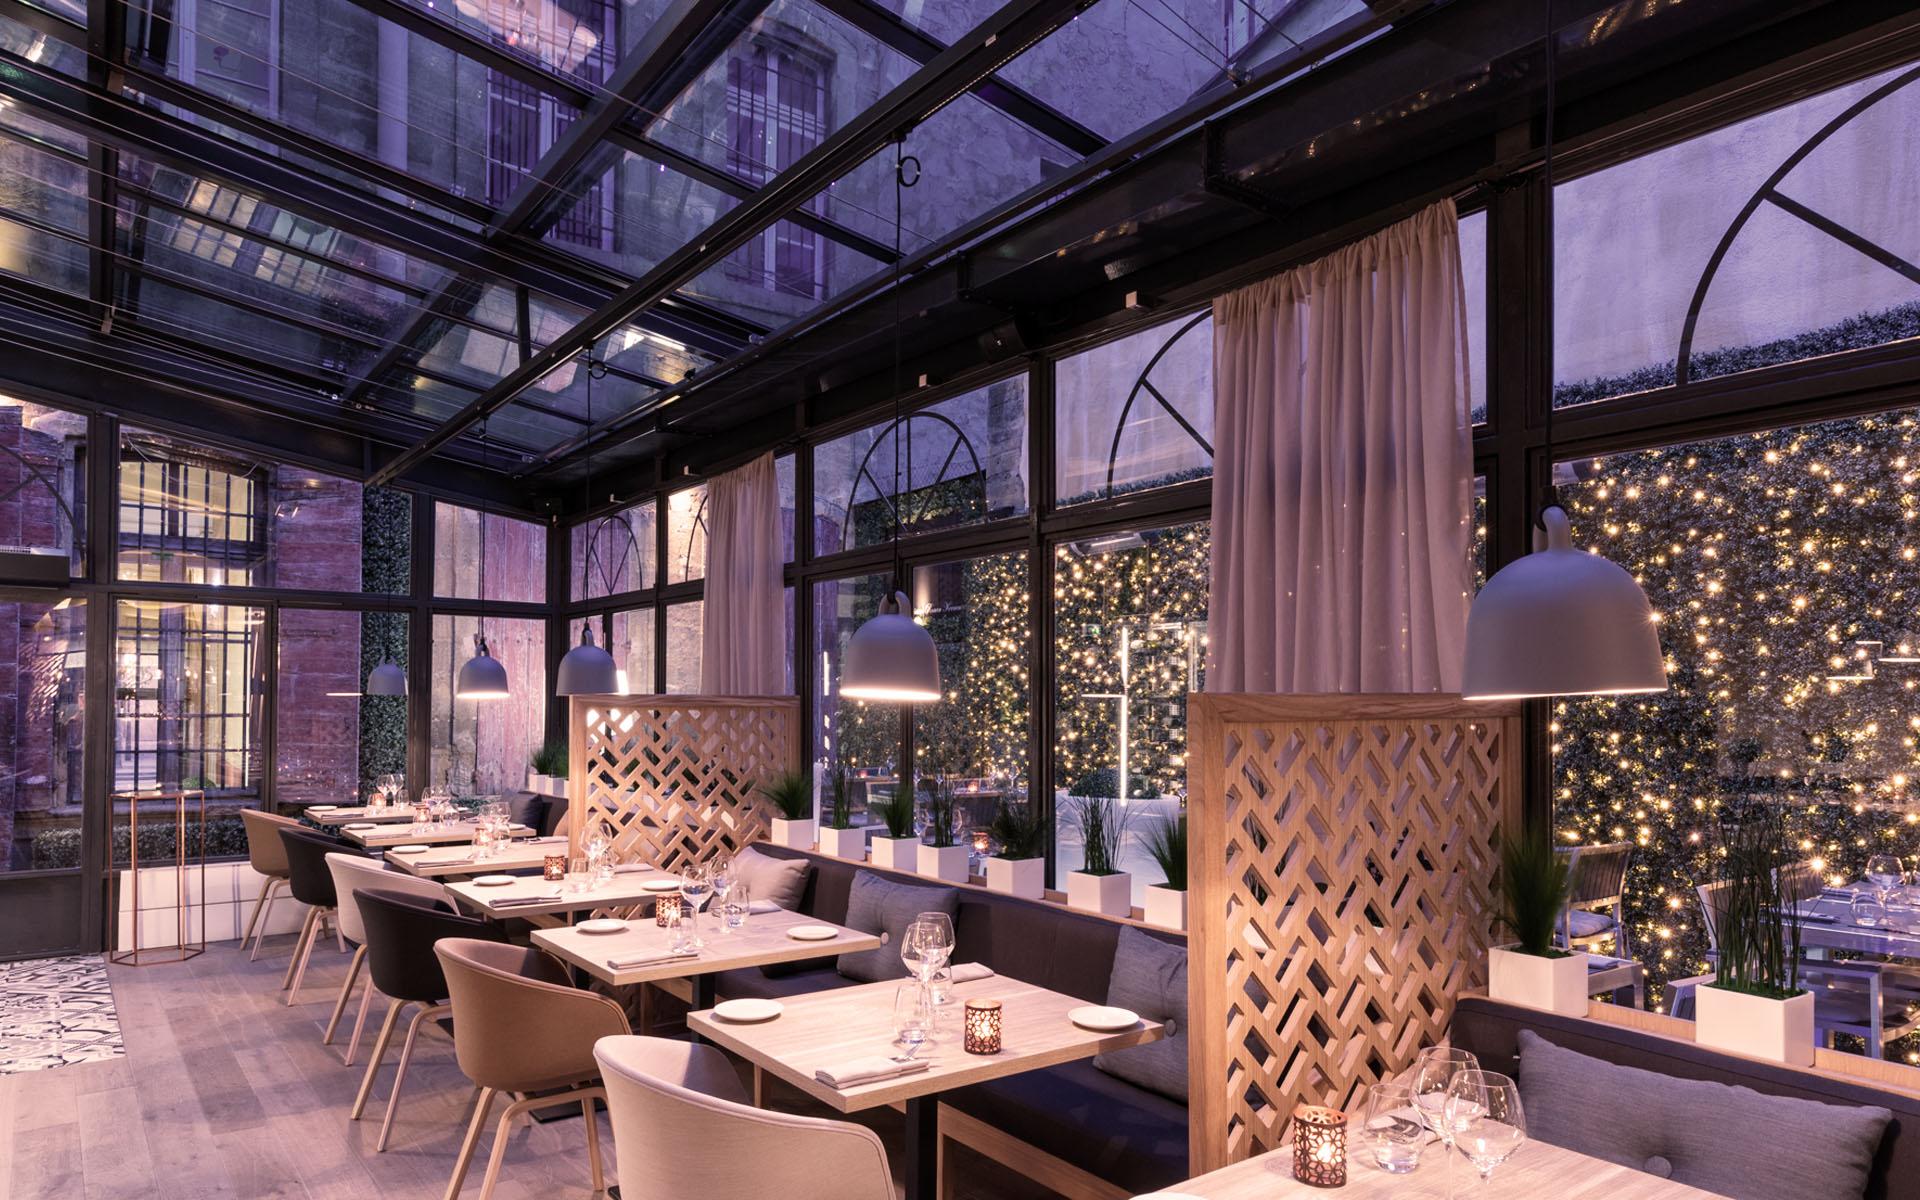 intérieur du restaurant coté cour à aix en provence 11